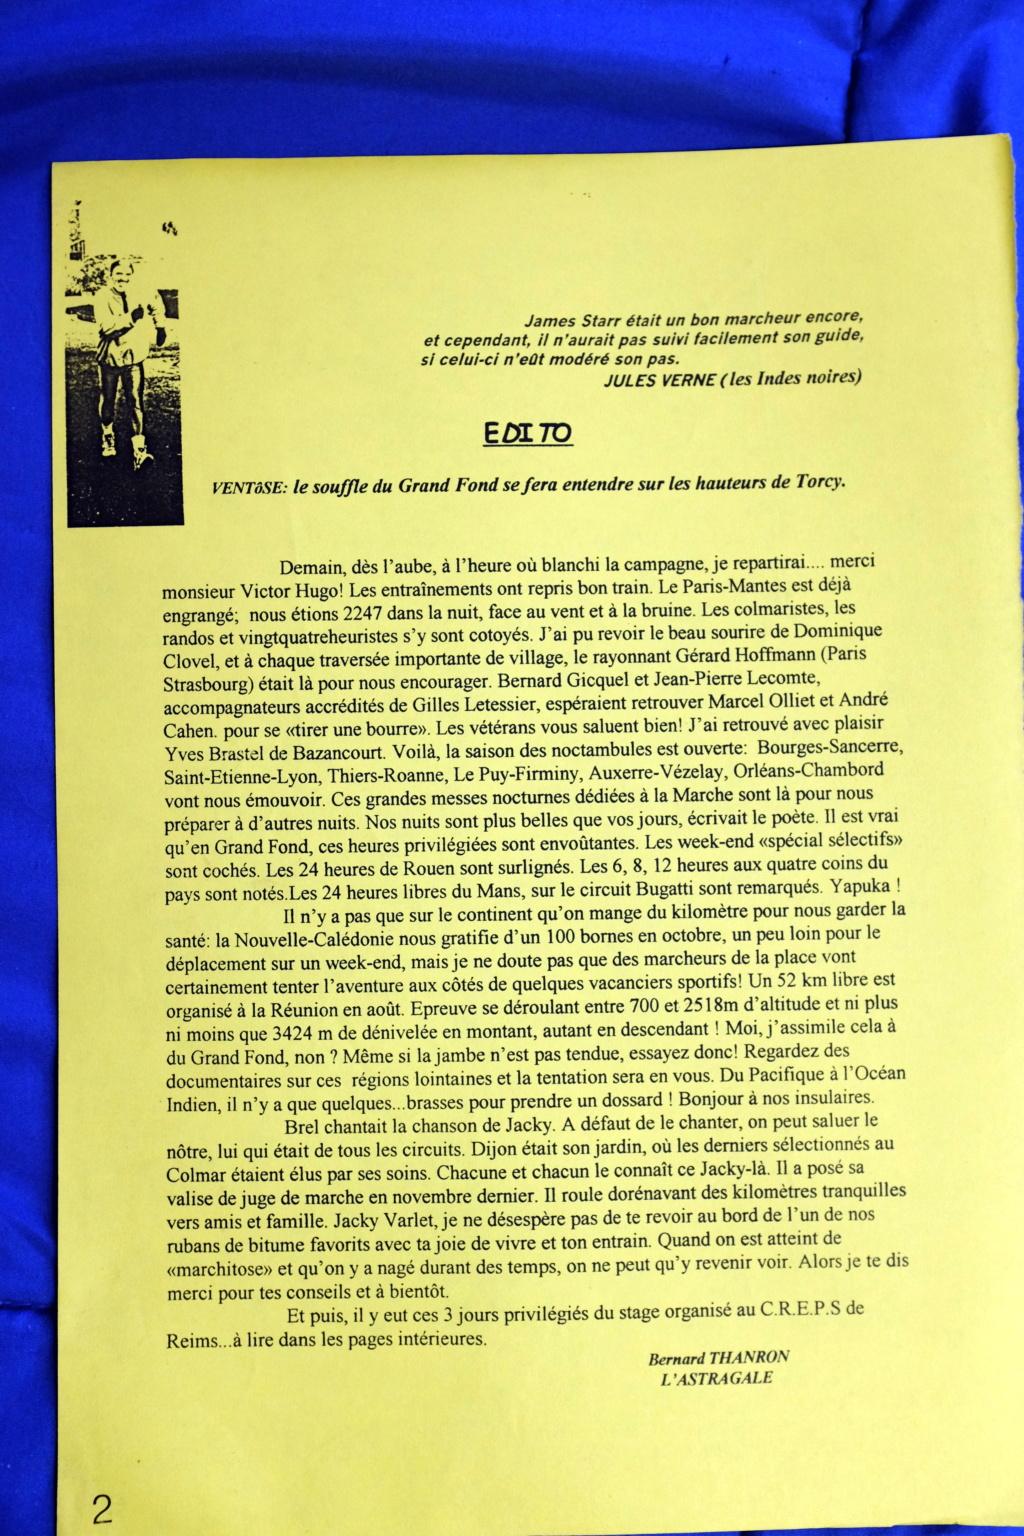 Le KM520 et ses éditos 1998-2009 - Page 2 Dscf0454